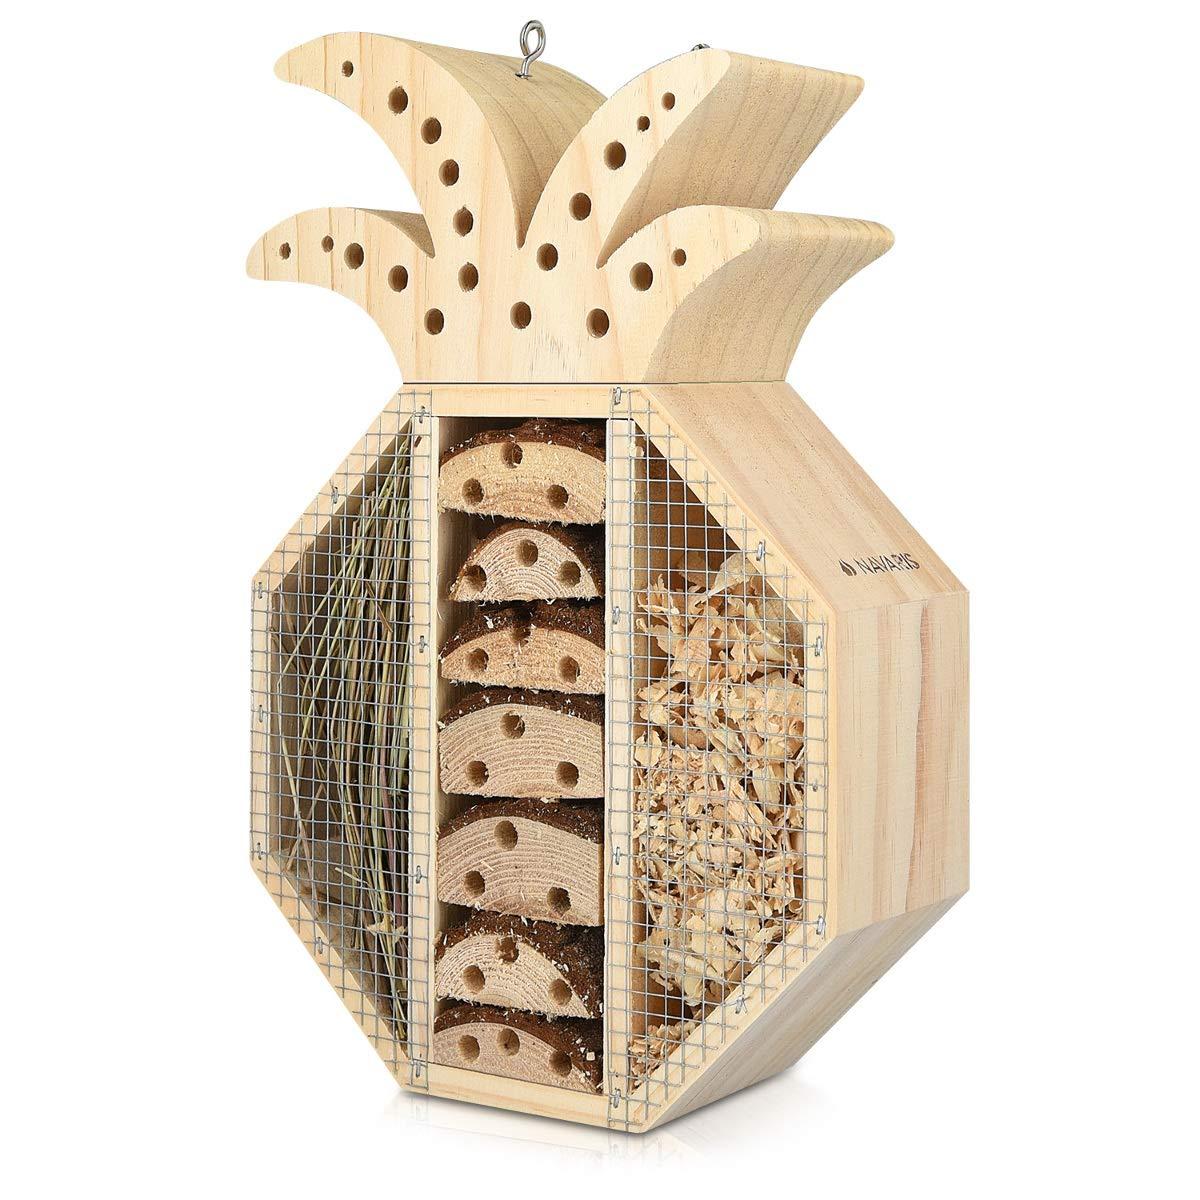 Navaris Hôtel à Insecte Bois - Cabane abri Forme Ananas 21, 5 x 32 x 8 cm - Maisonnette Refuge Abeille Coccinelle Papillon Autres Insectes Volants KW-Commerce 44342_m000676